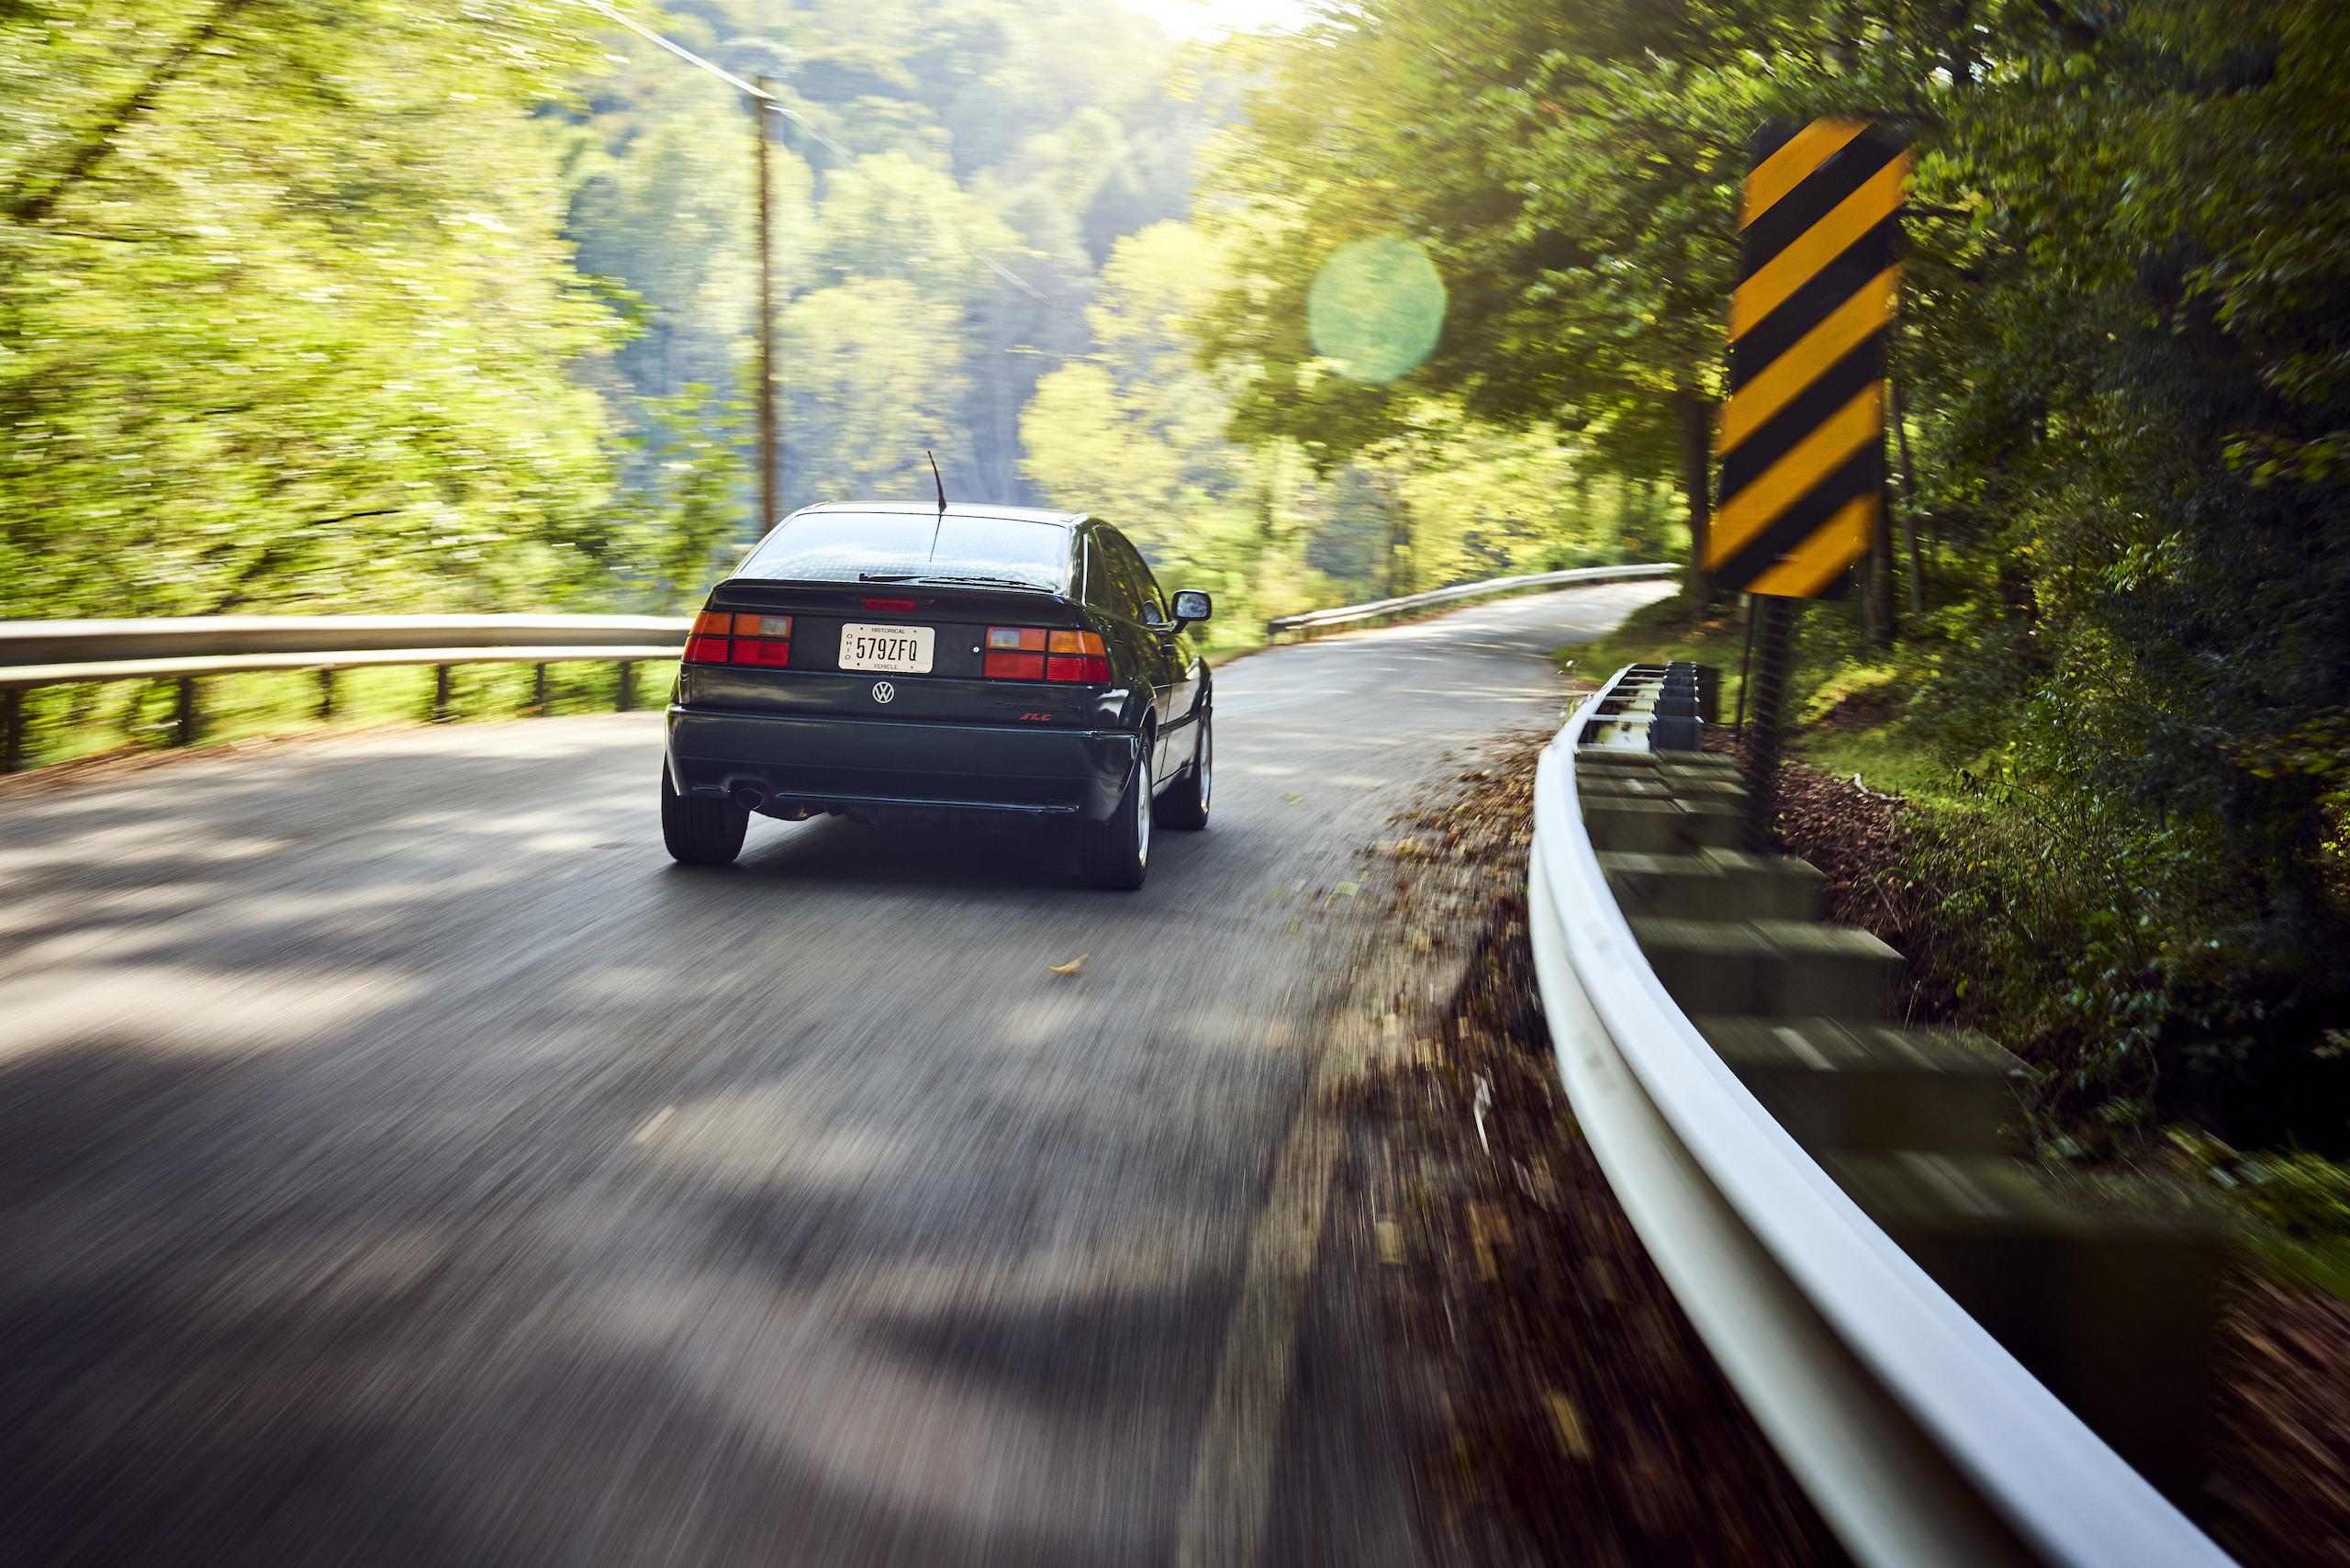 Volkswagen VW Corrado rear dynamic road action